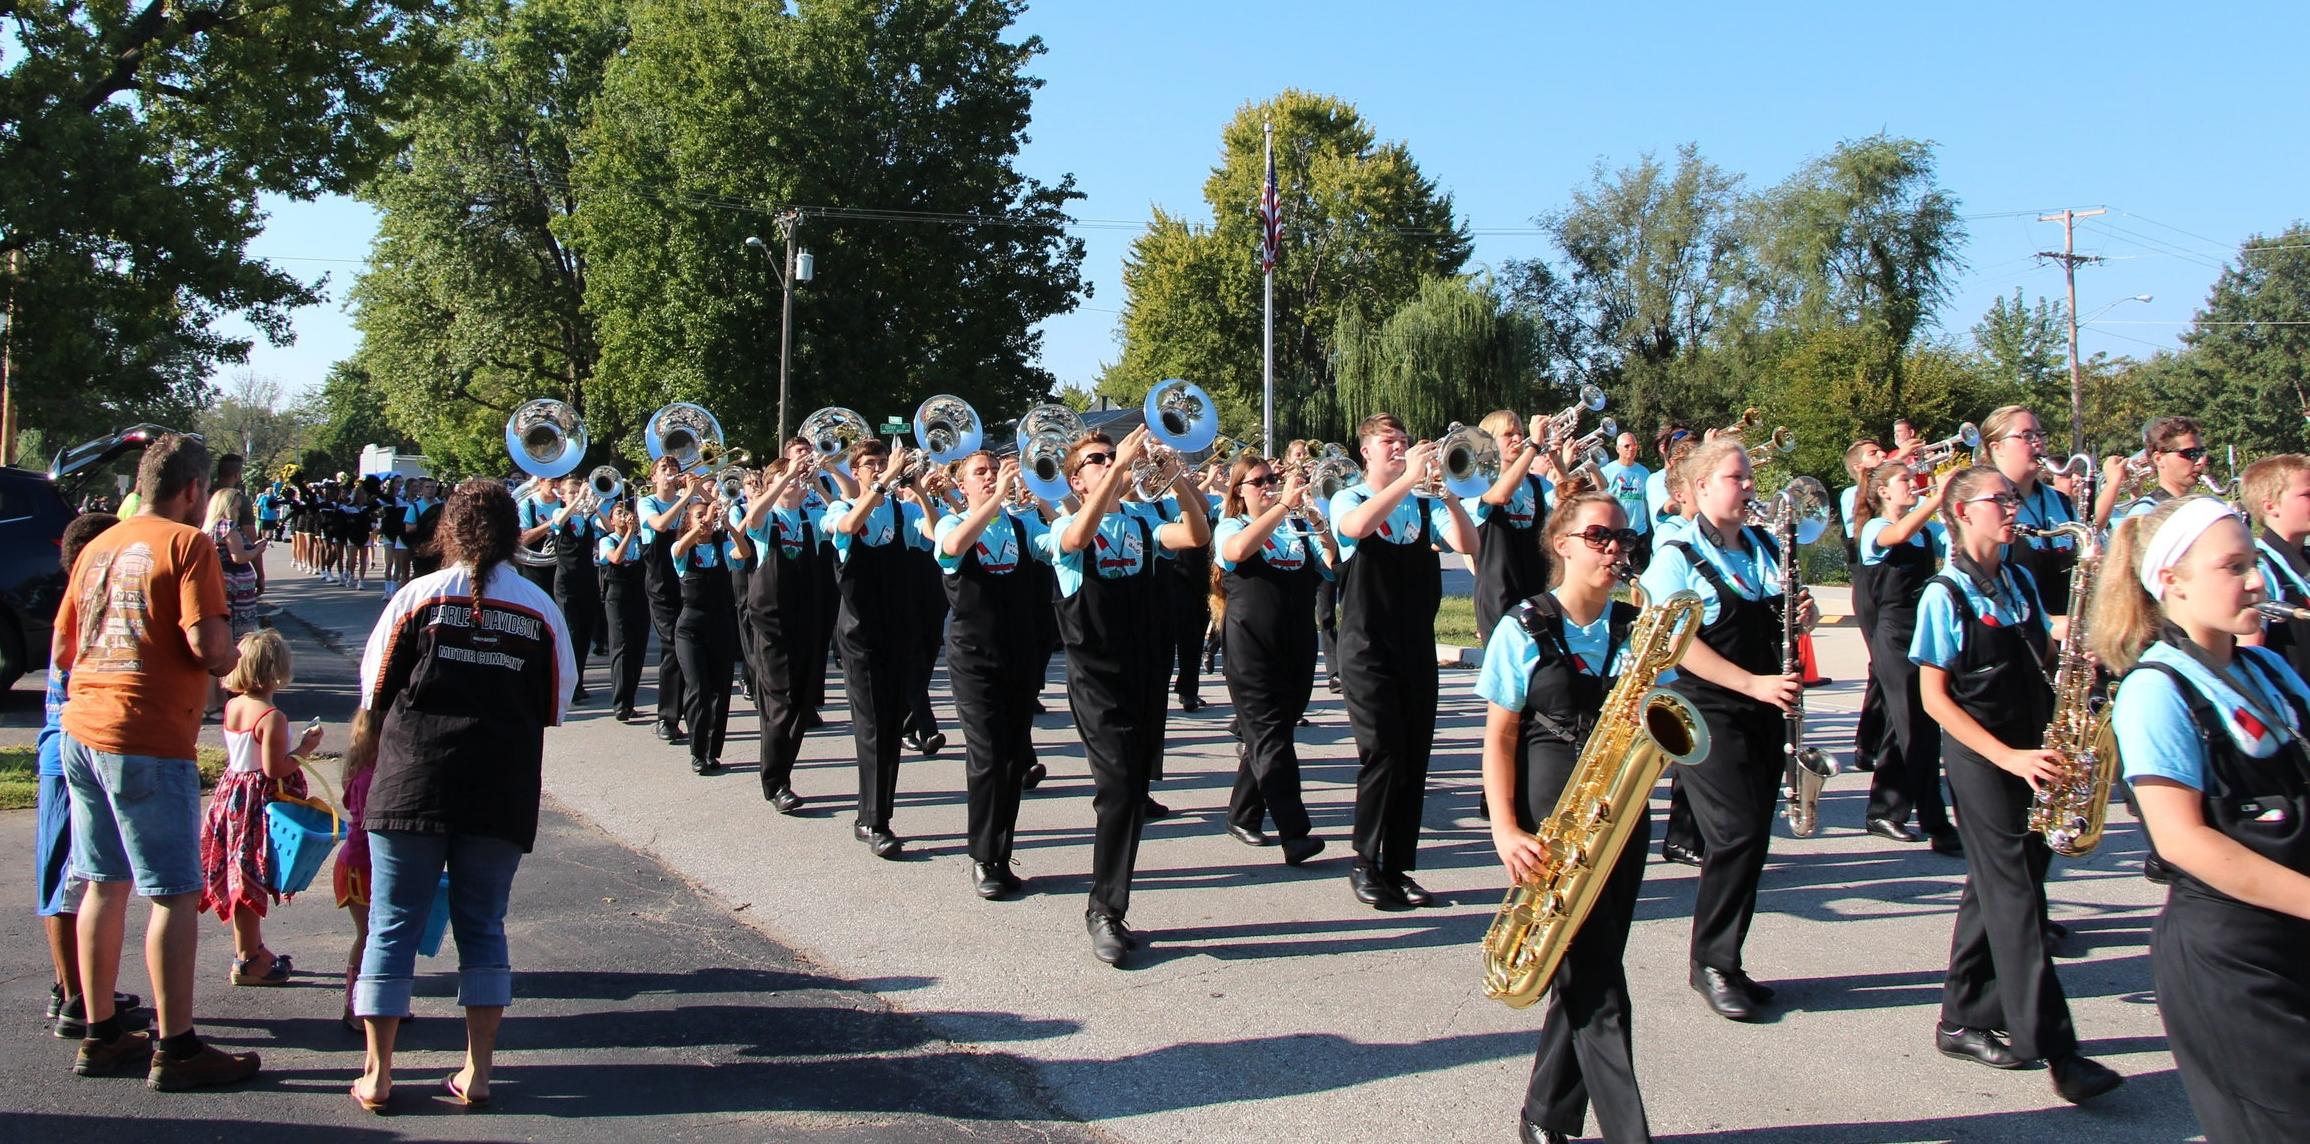 Parade Band.JPG